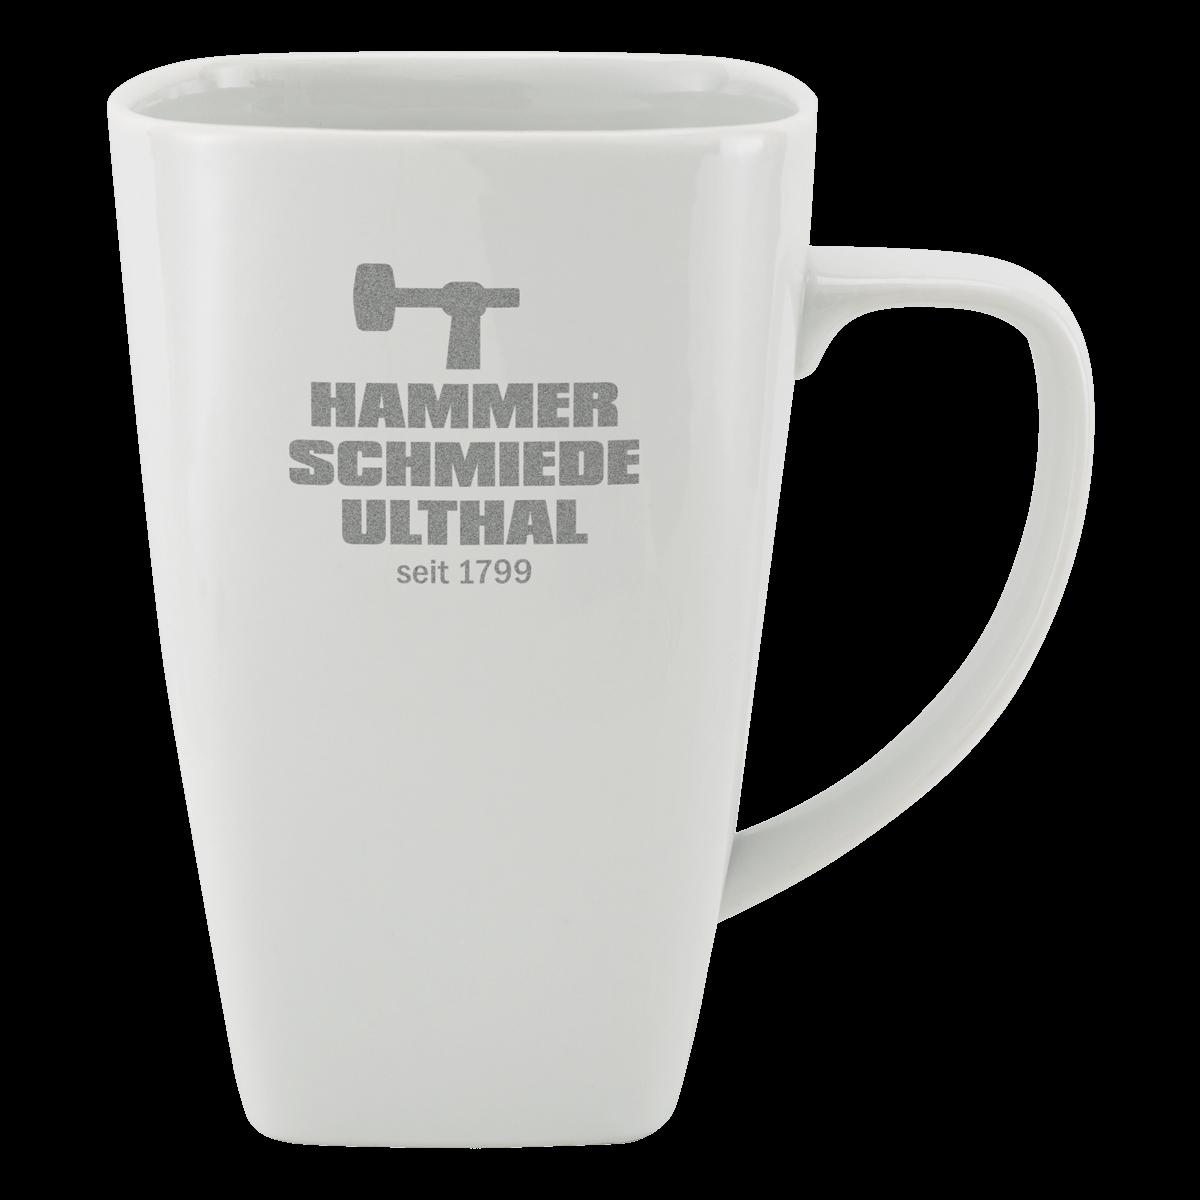 Frankfurt-XL_S026_GRW_TRD_EPD_TD_Hammerschmiede_P2_1200px